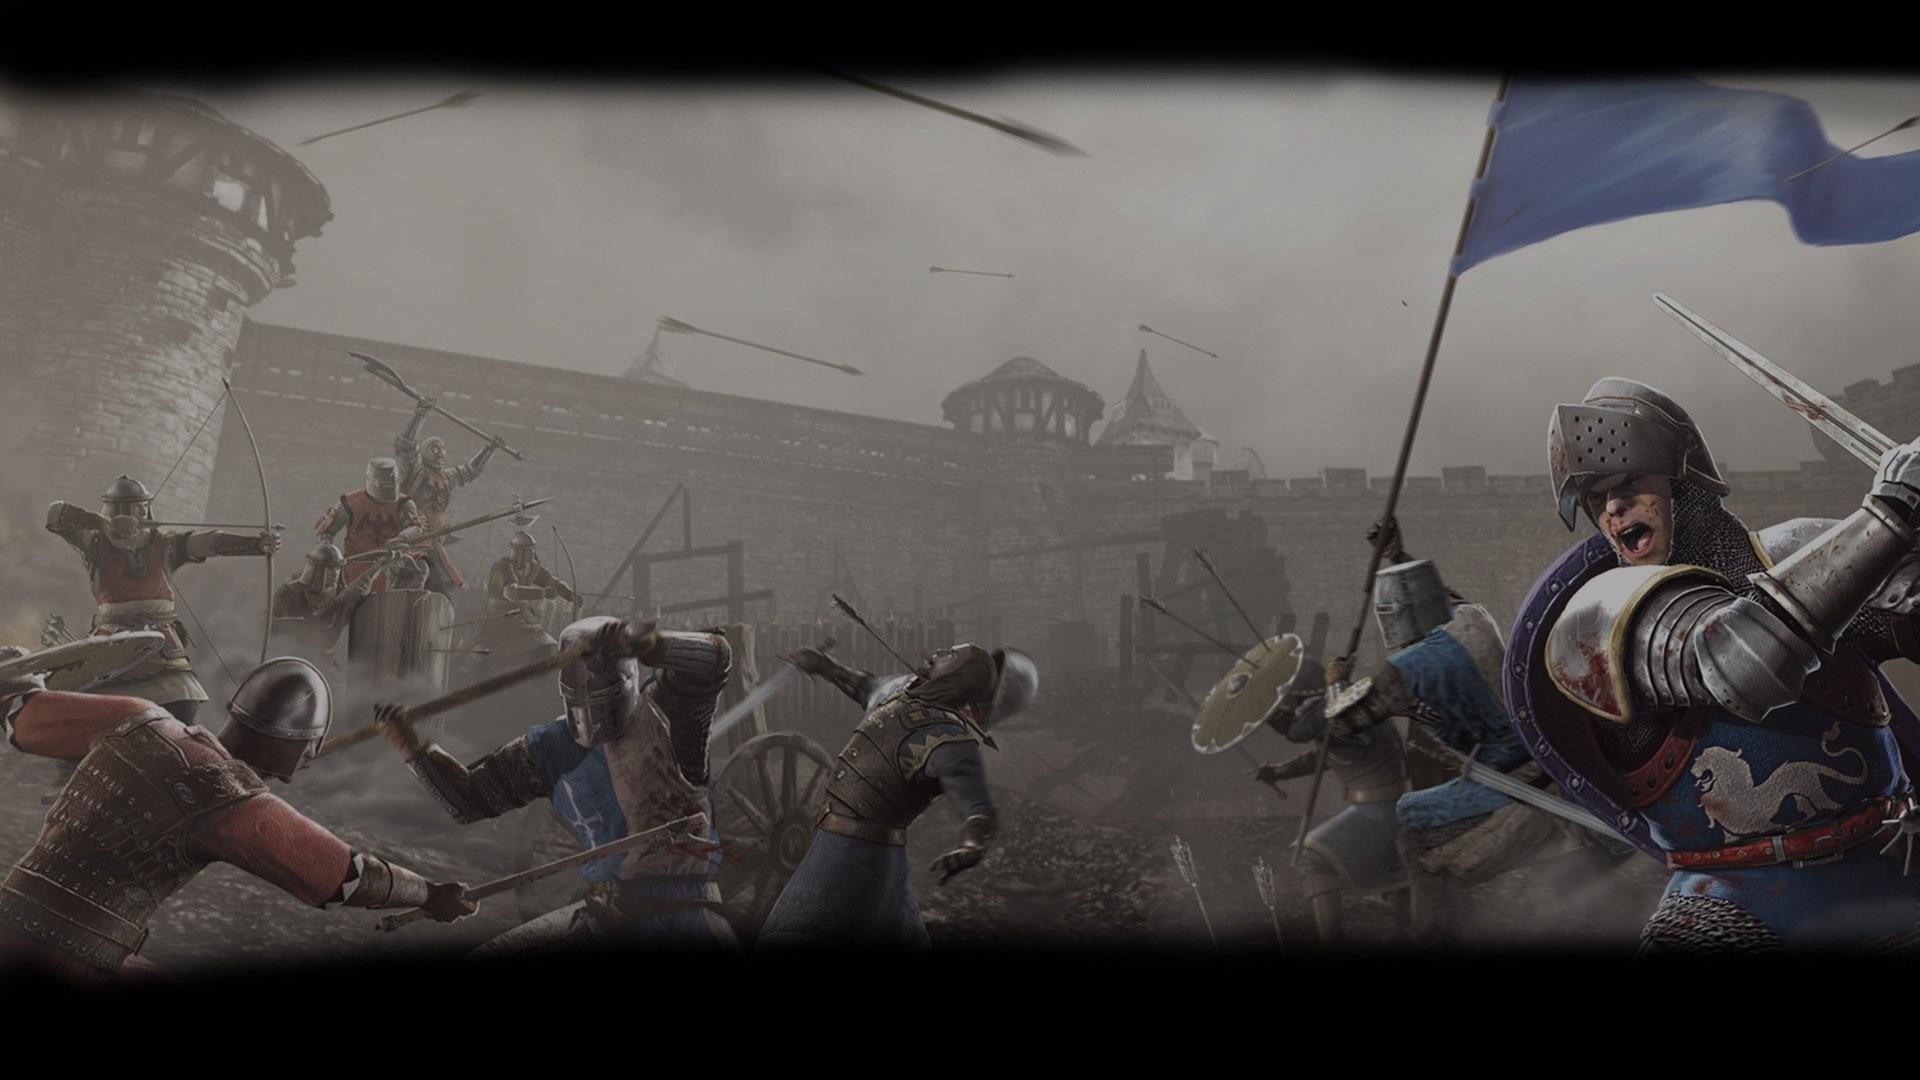 Fantasy Battle 4k Hd Desktop Wallpaper For 4k Ultra Hd Tv: Medieval Battle Wallpaper (70+ Images